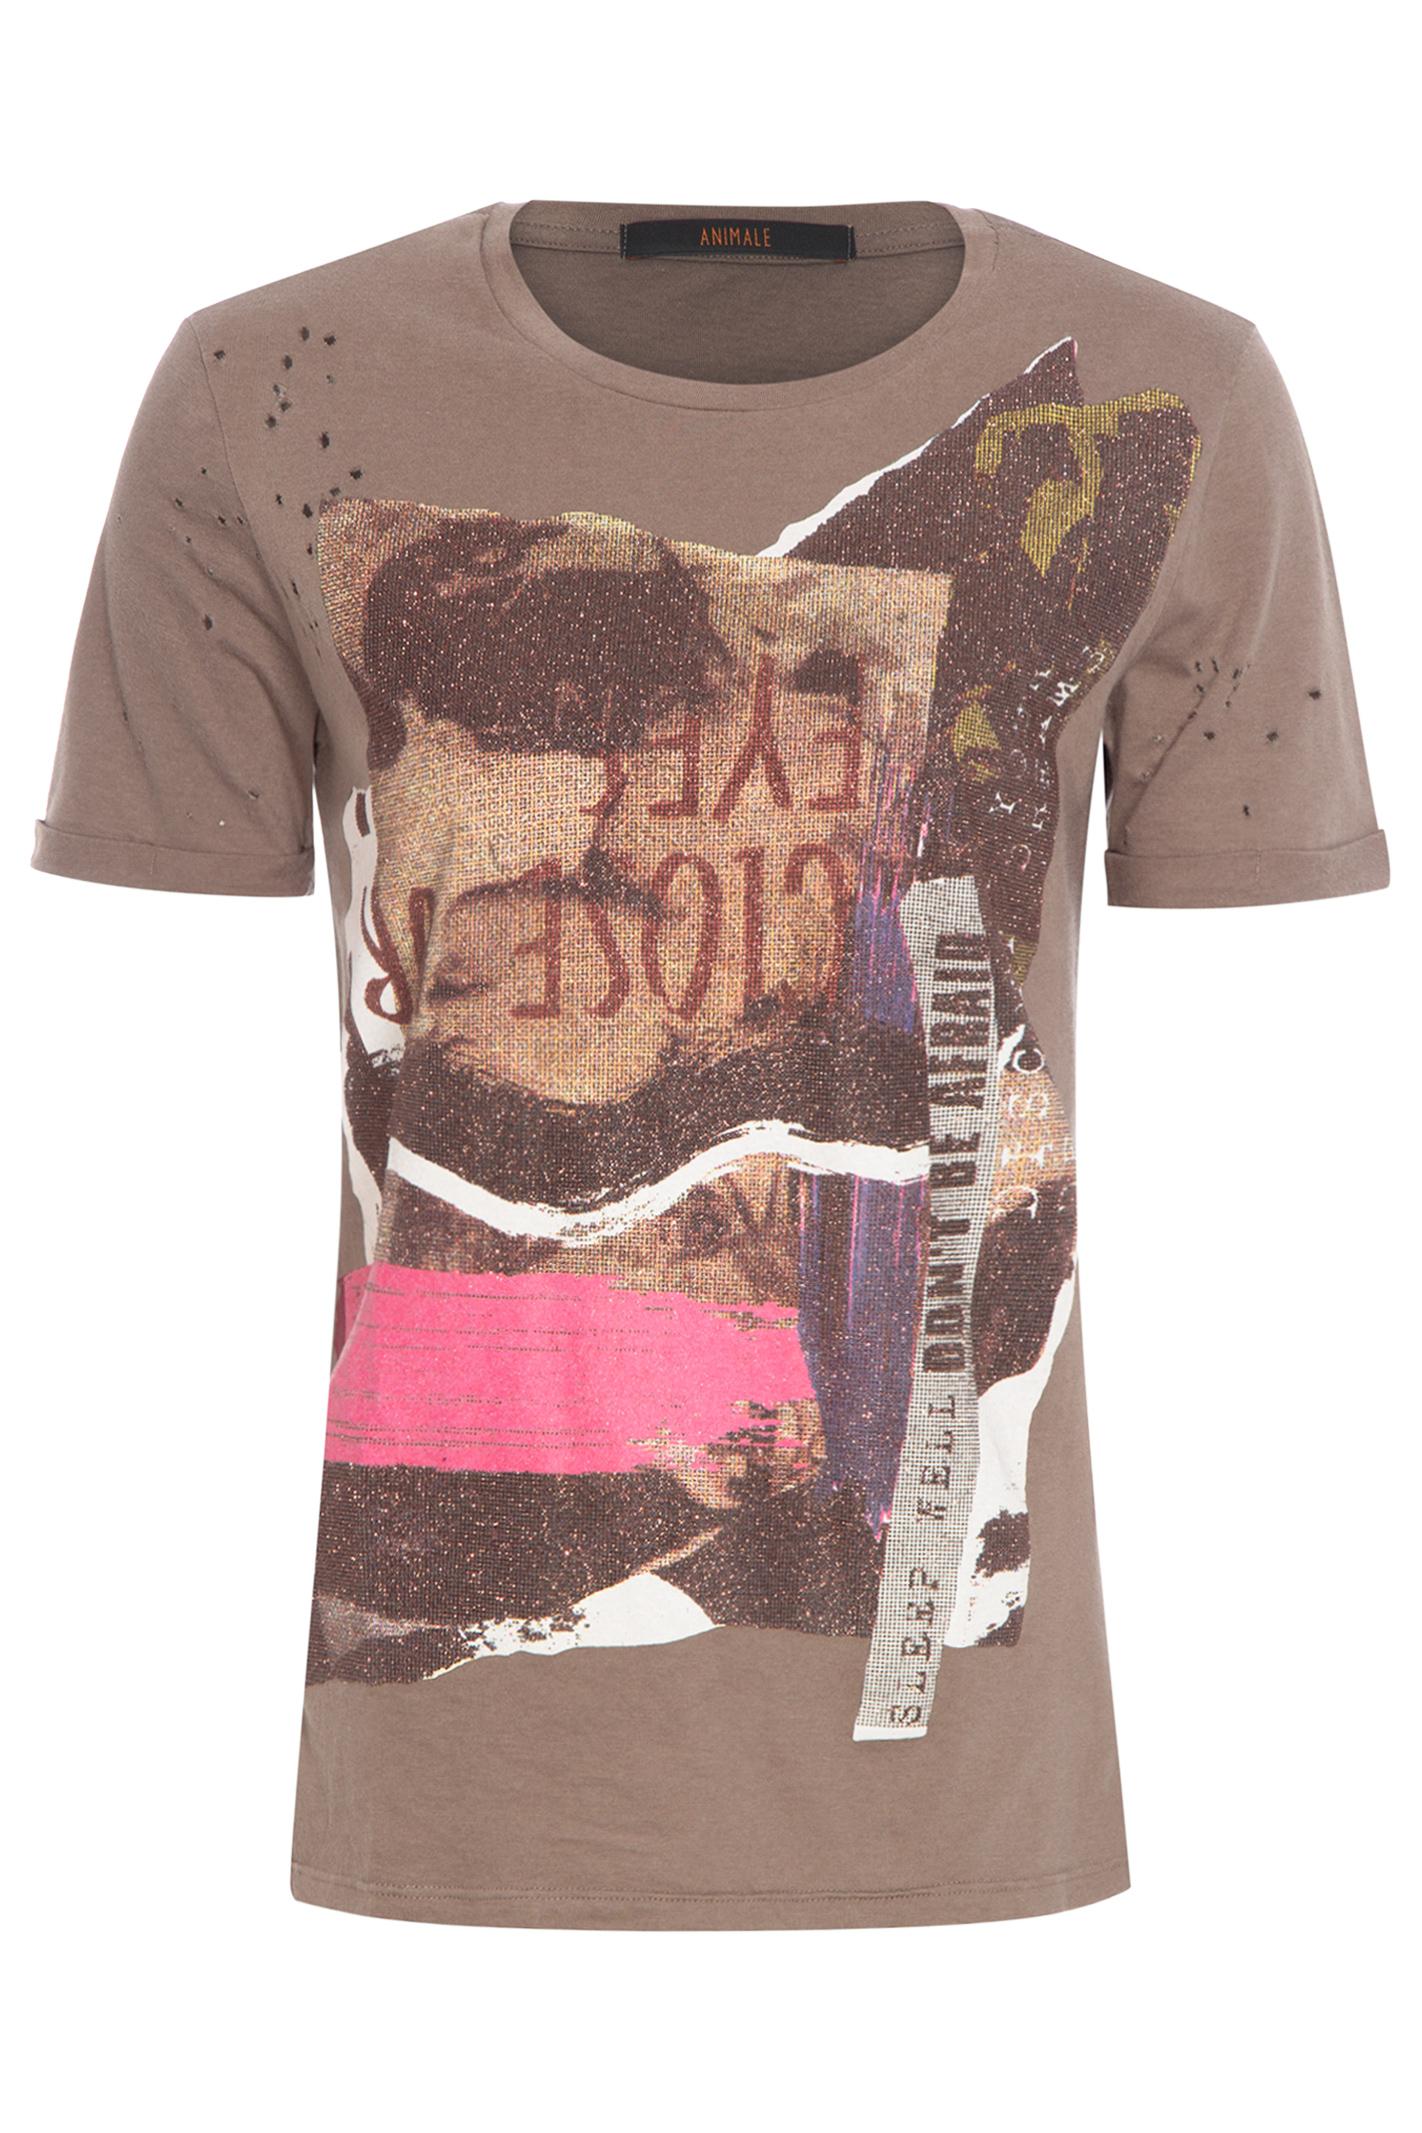 T-Shirt Close Shitake